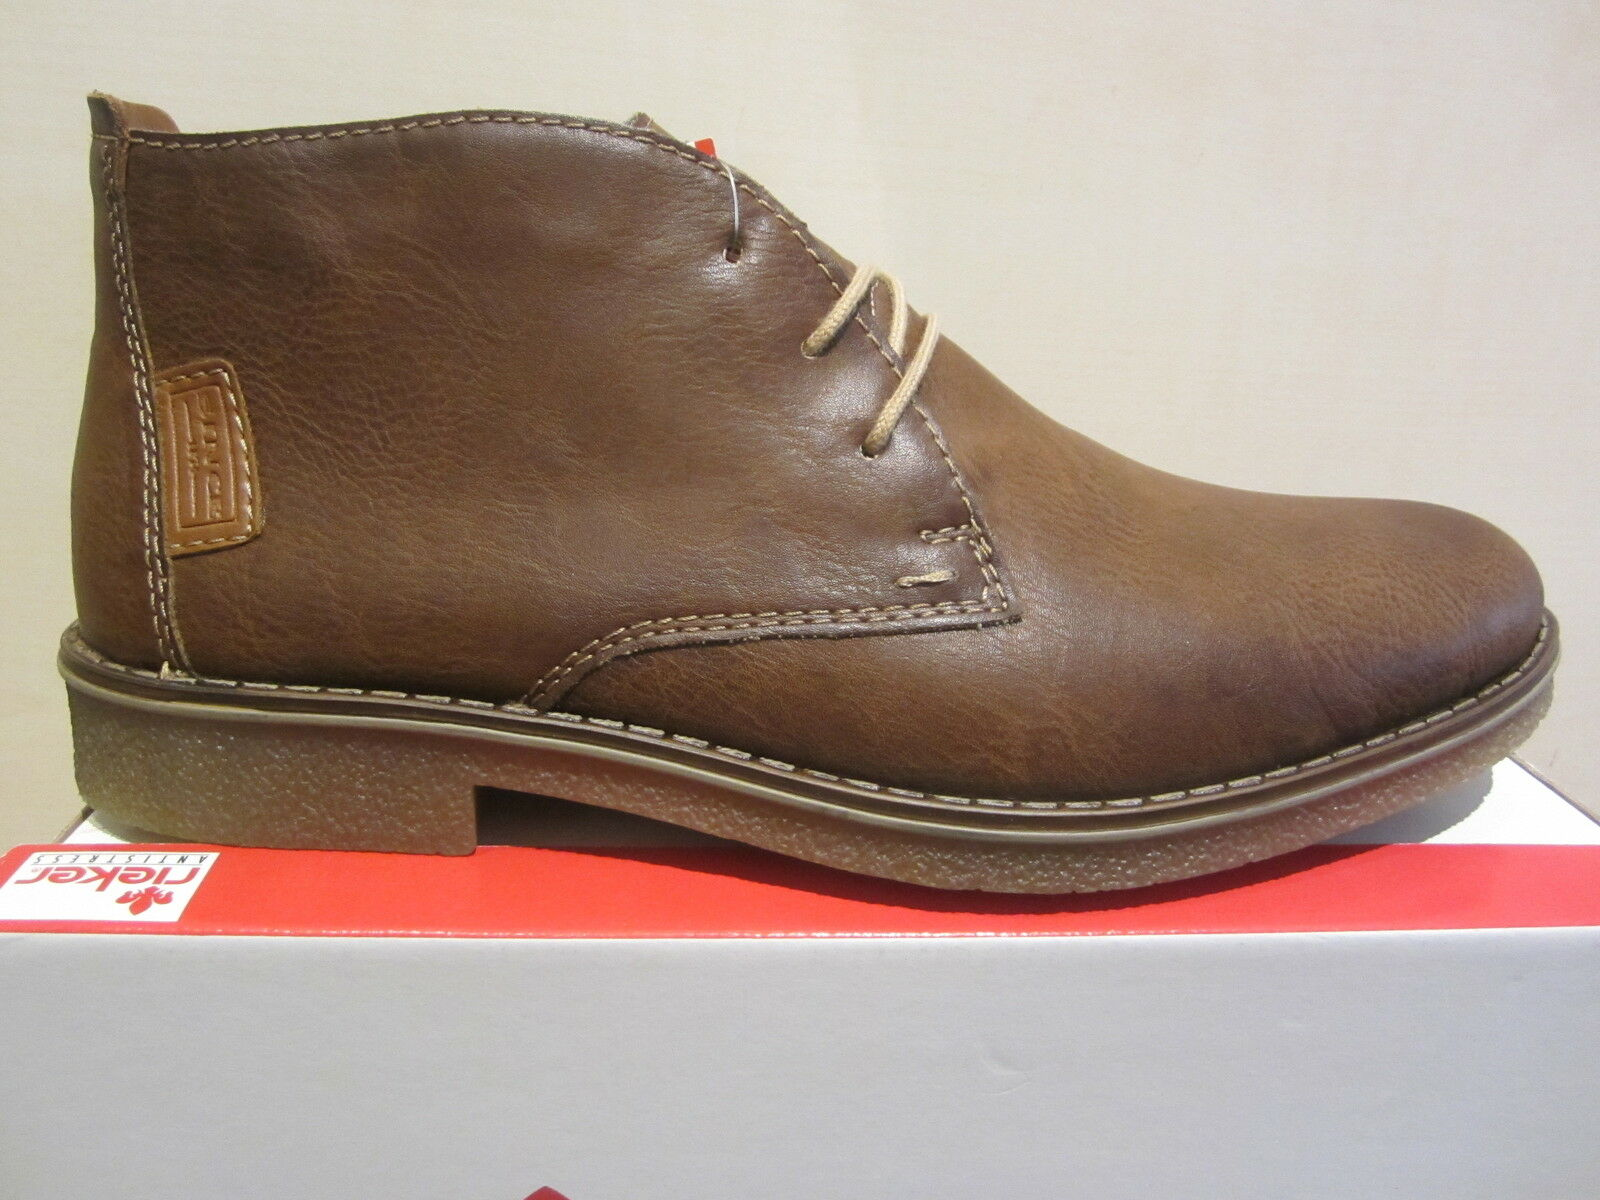 Grandes descuentos nuevos zapatos New Balance-u220 yl Yellow cortos calzado deportivo